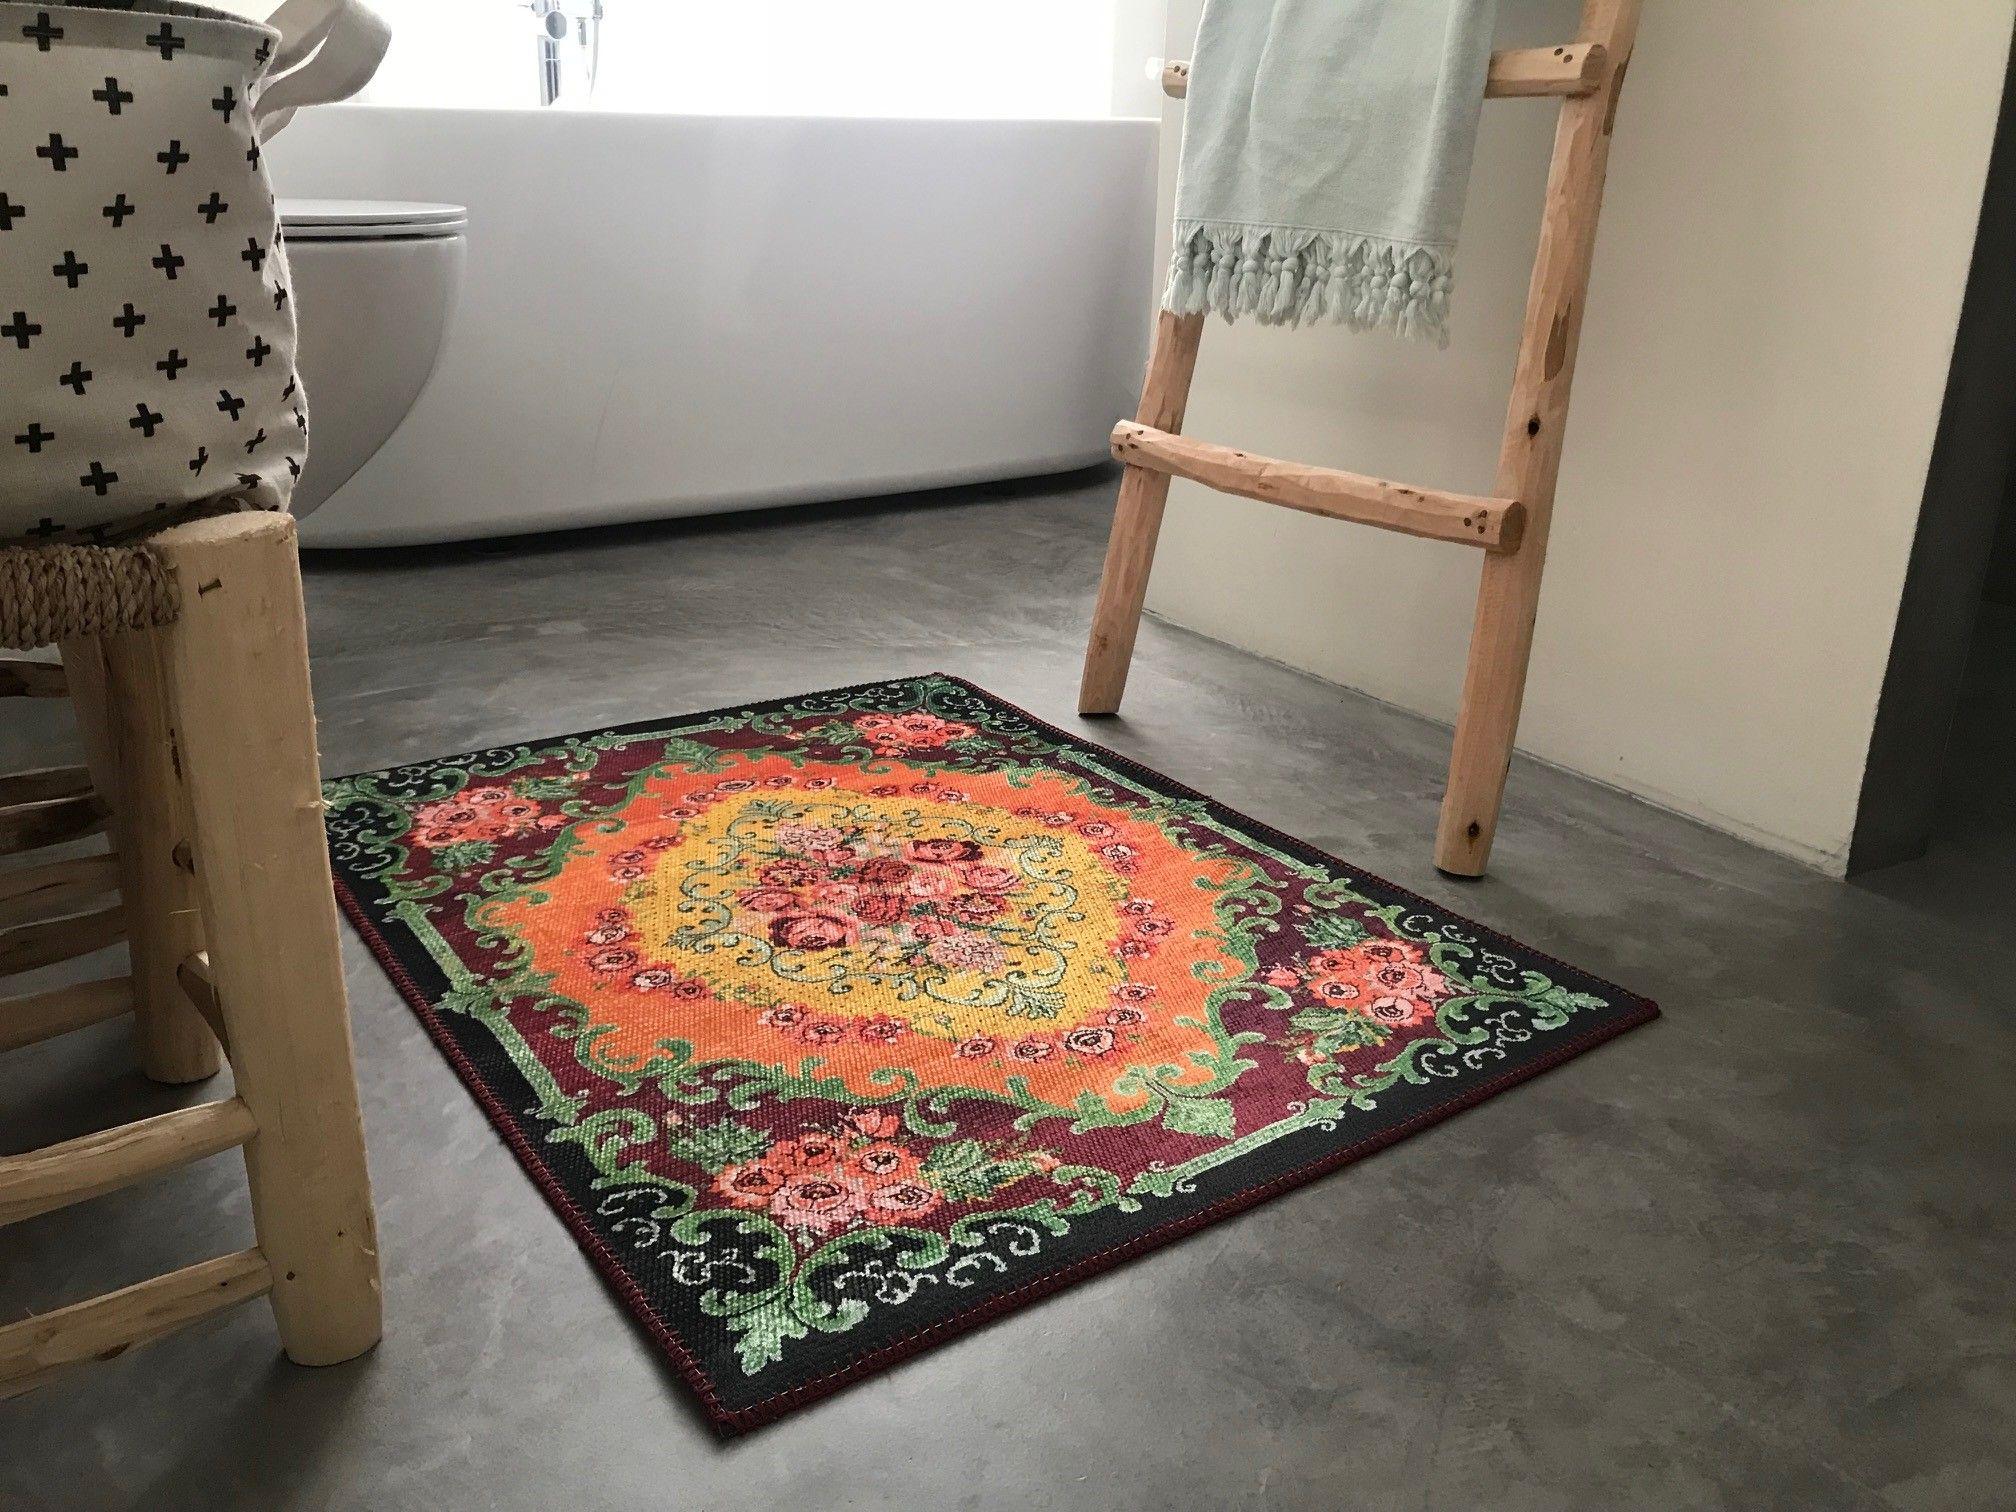 Badkamer Tapijt Badmat : Mooi voor in de badkamer deze badmat met rozenkelim print